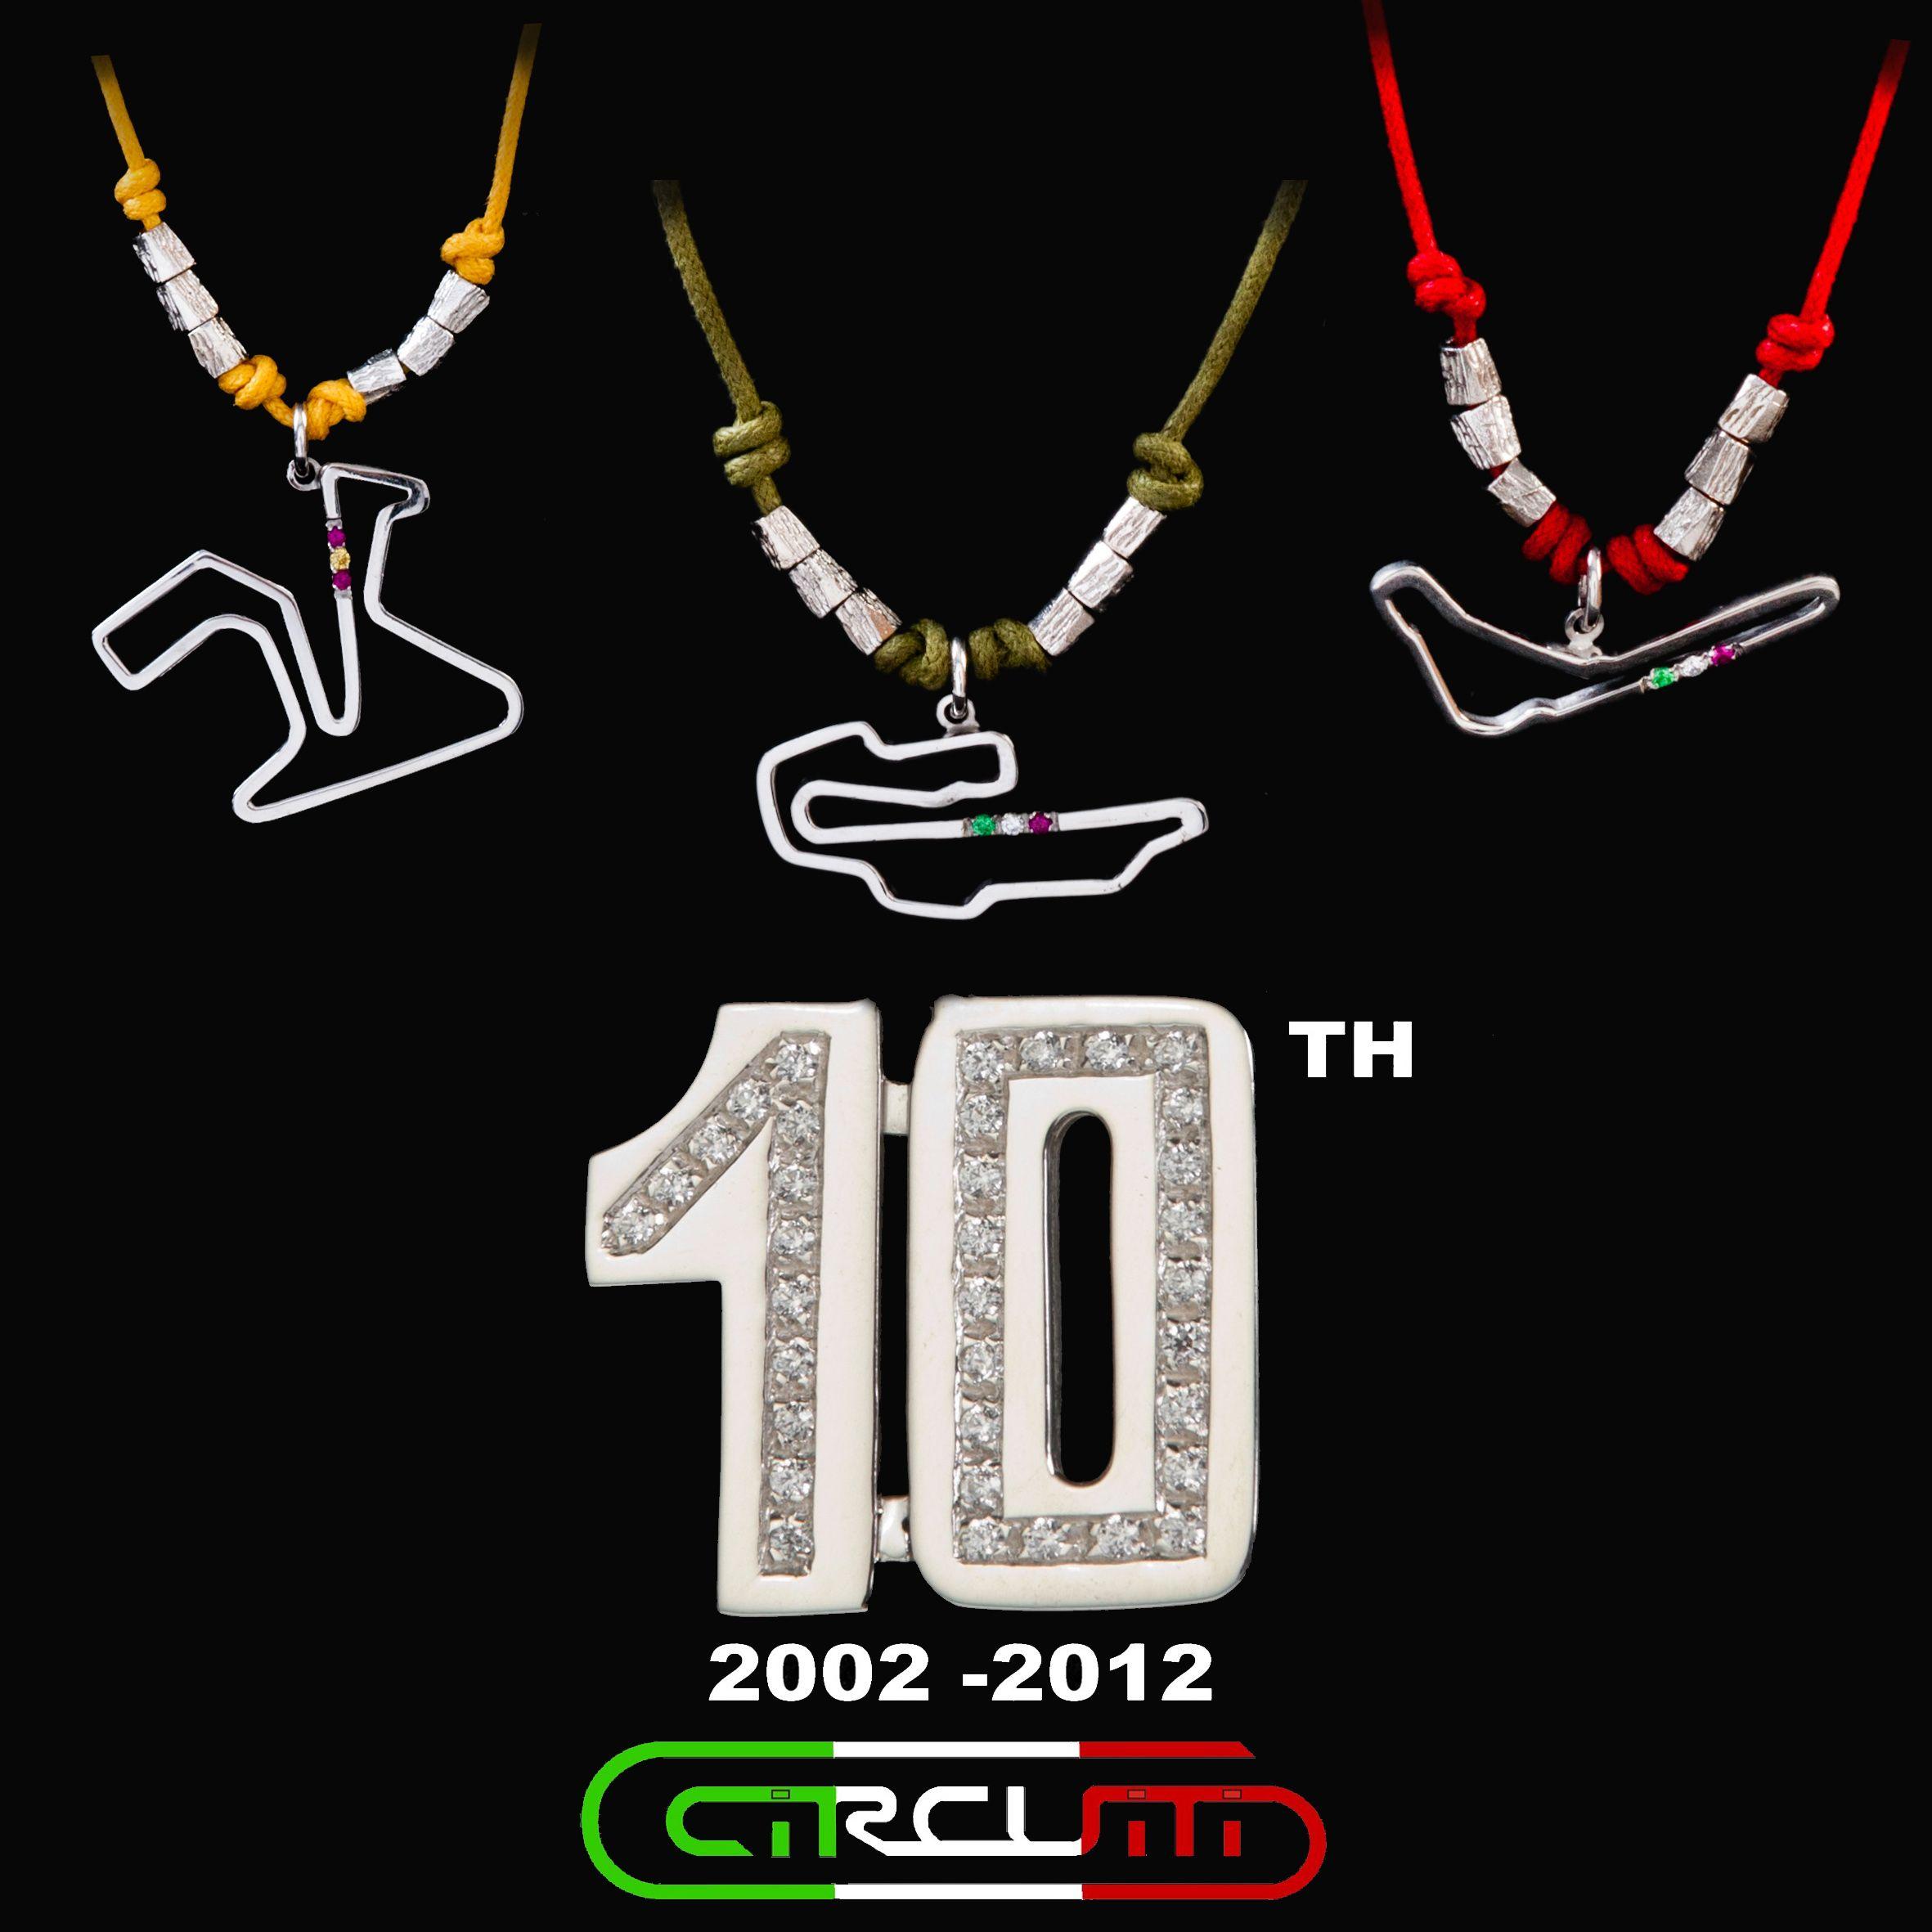 The new jewels collection...www.circuitigioielli.com